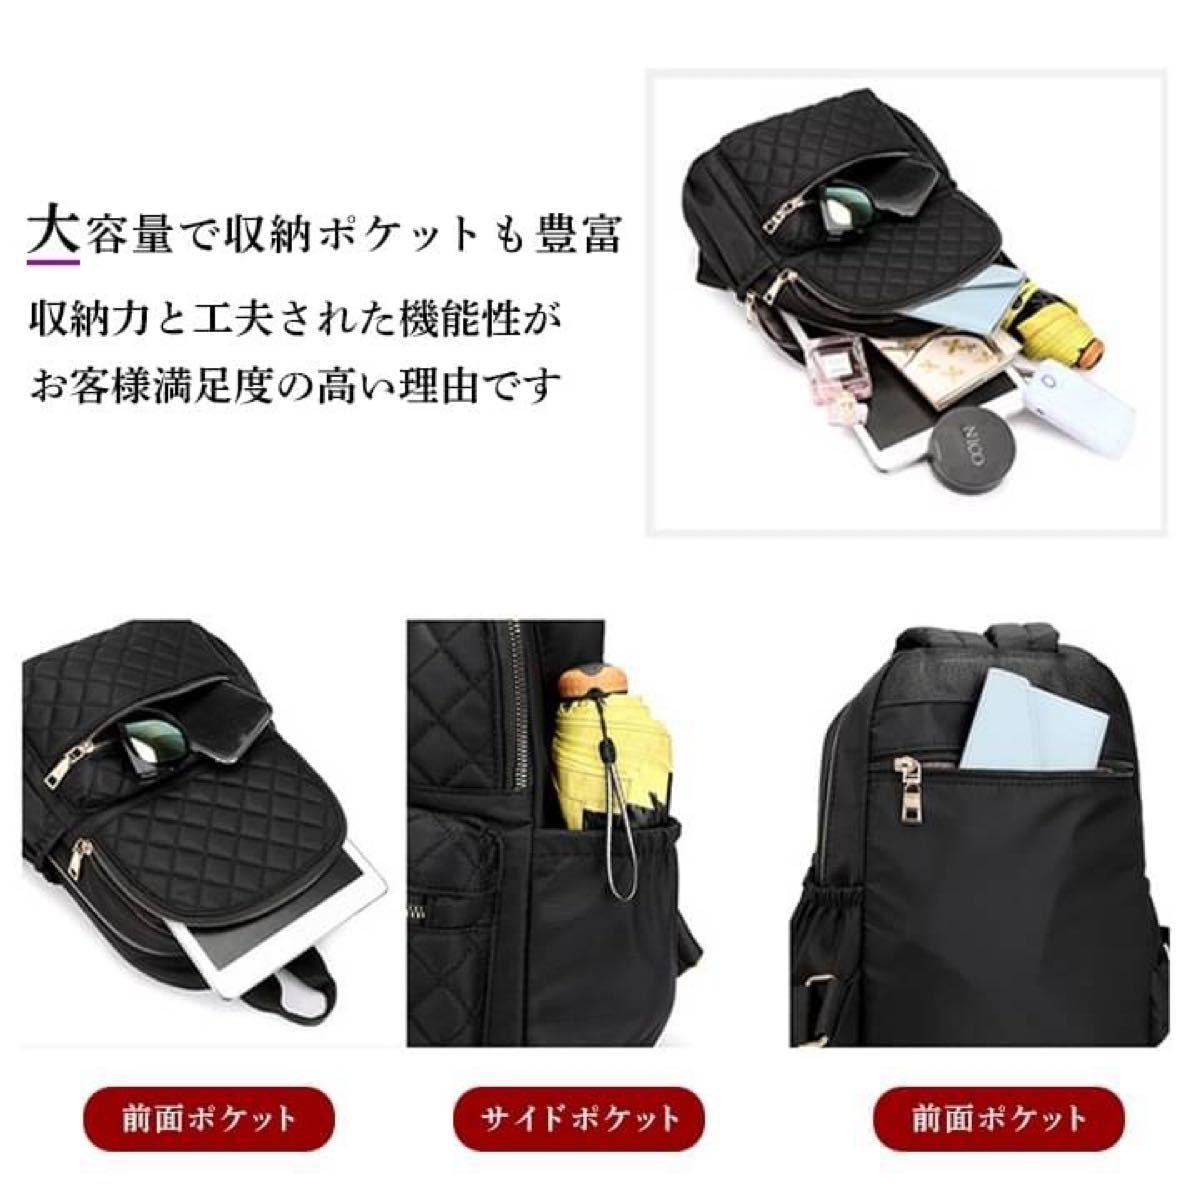 ★新商品★【大容量・軽量】マザーズバック・黒 リュック/バックパック/鞄